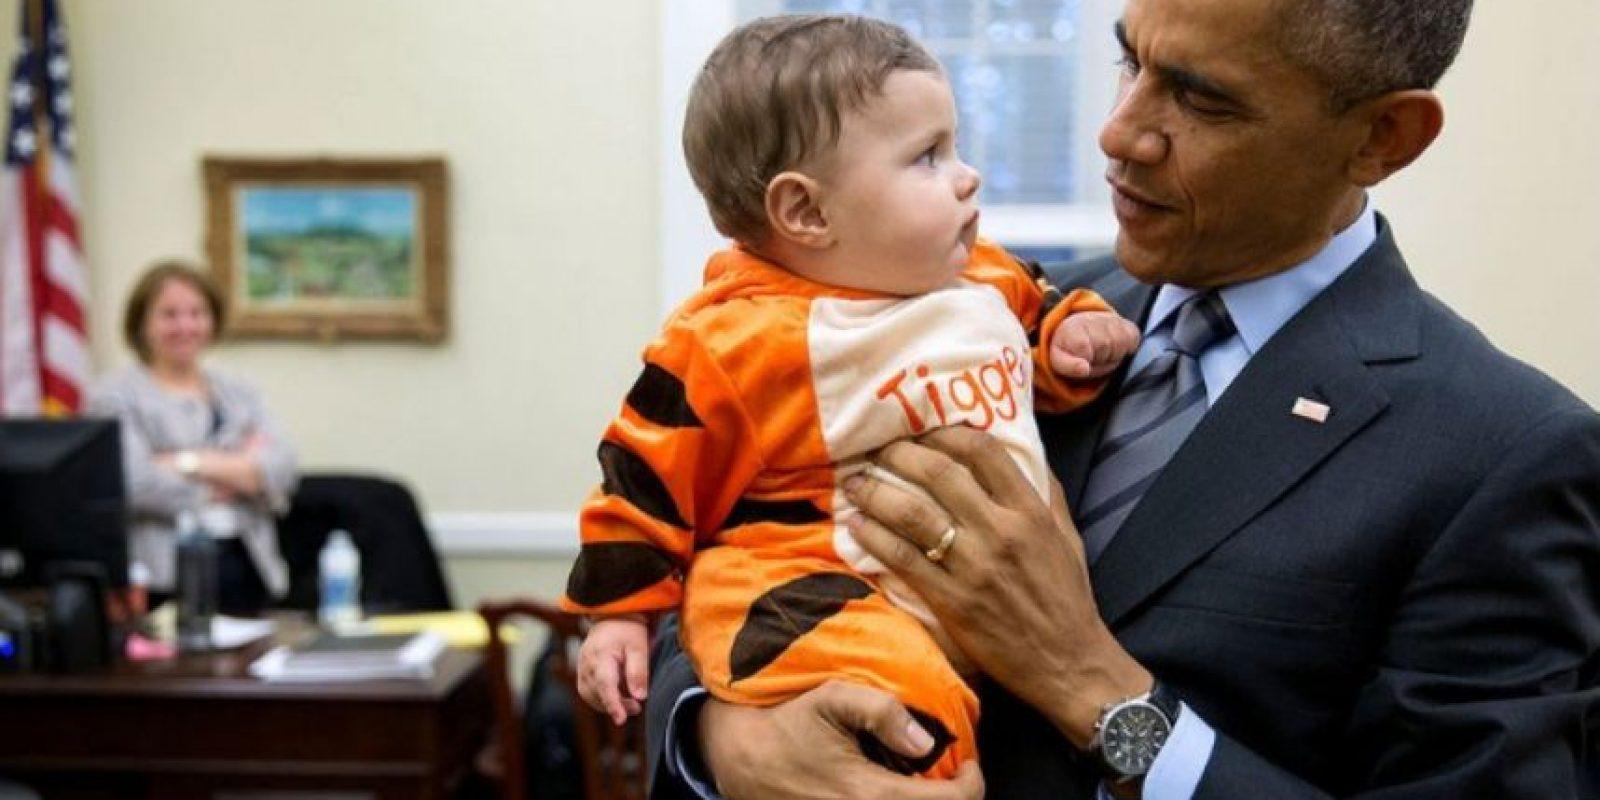 Al parecer el presidente disfruta de cargar a los pequeños. Foto:Vía whitehouse.gov/photos